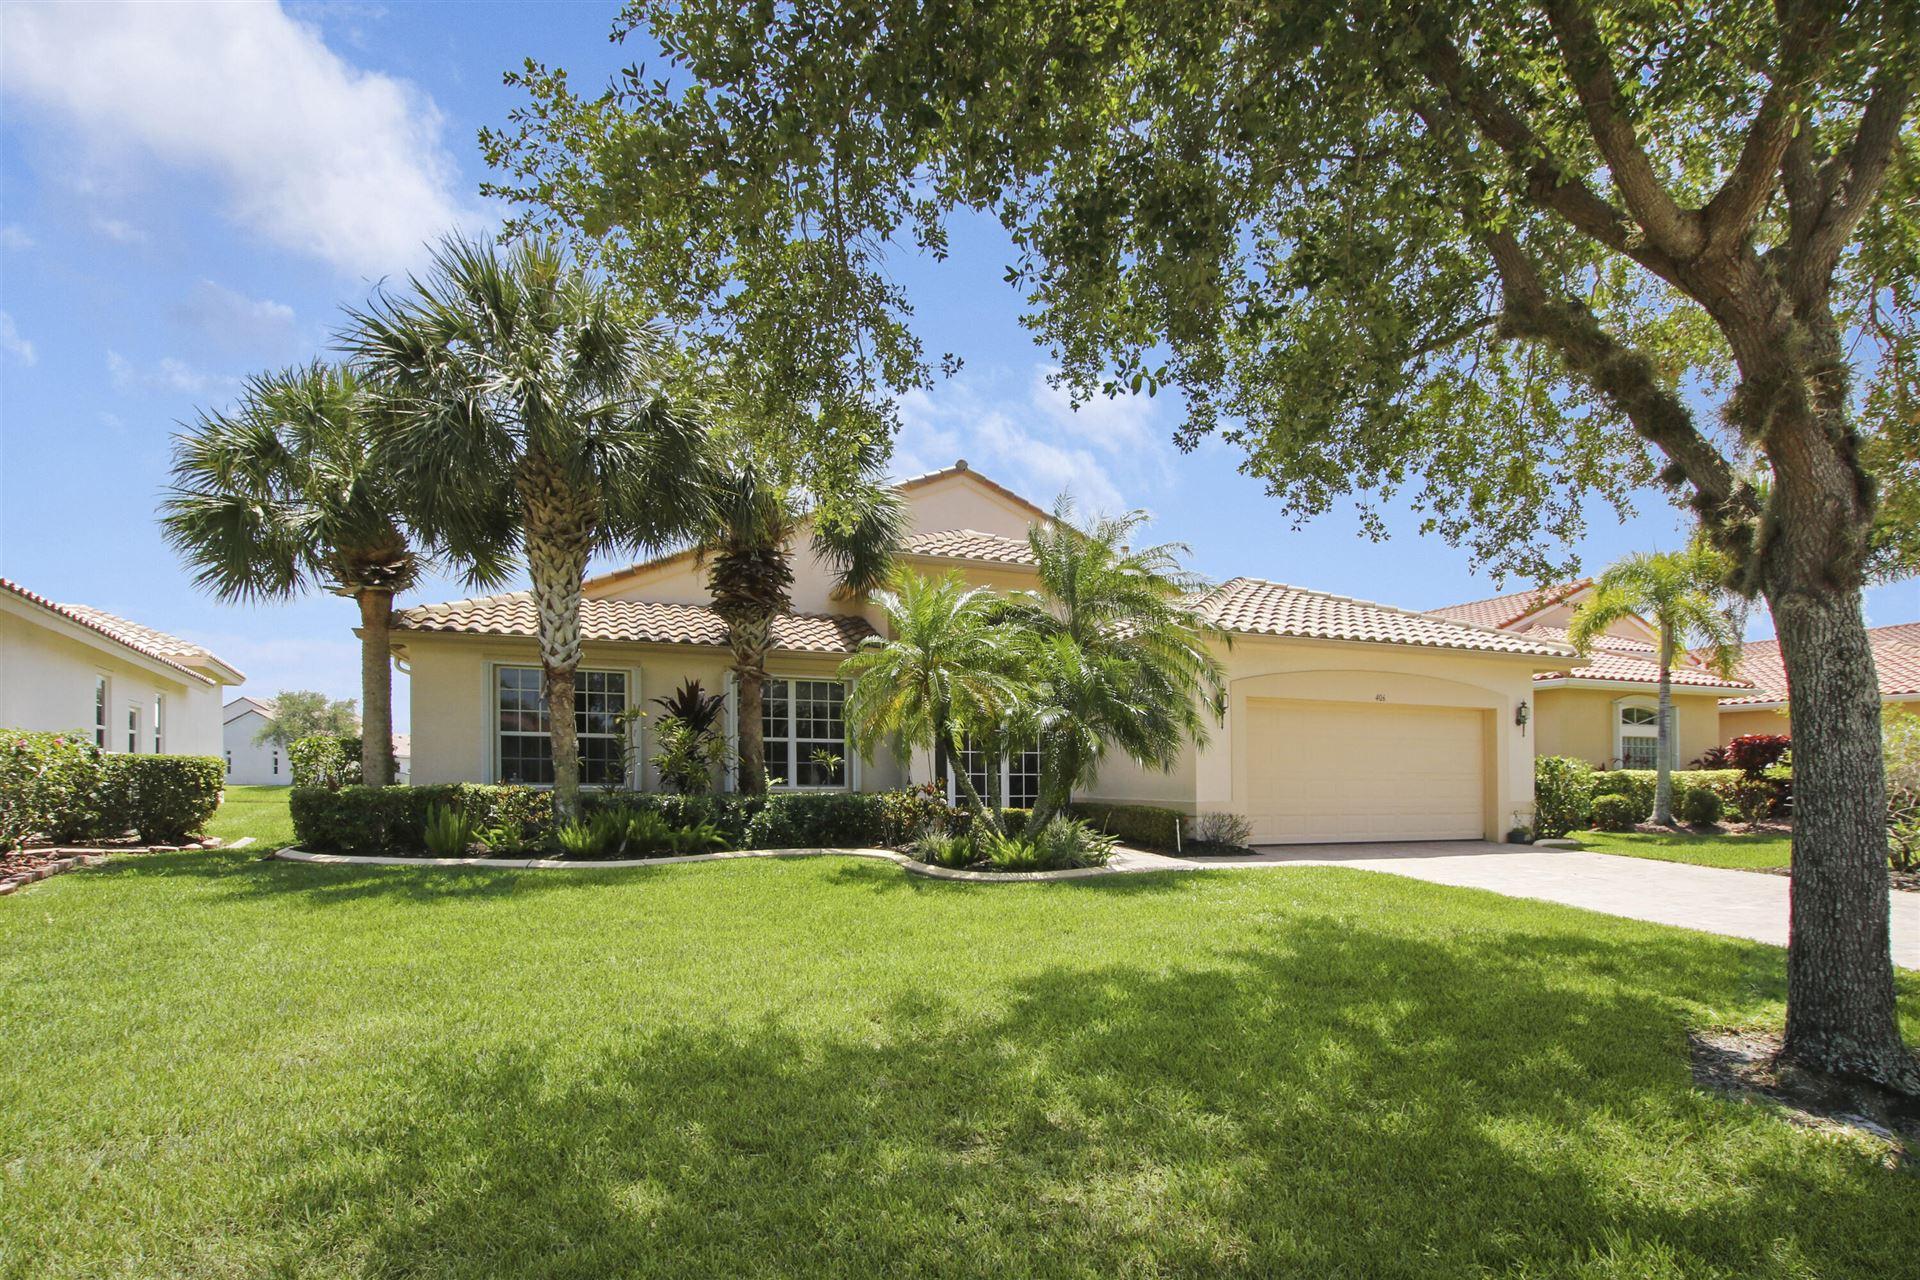 406 NW Shoreview Drive, Port Saint Lucie, FL 34986 - MLS#: RX-10714291